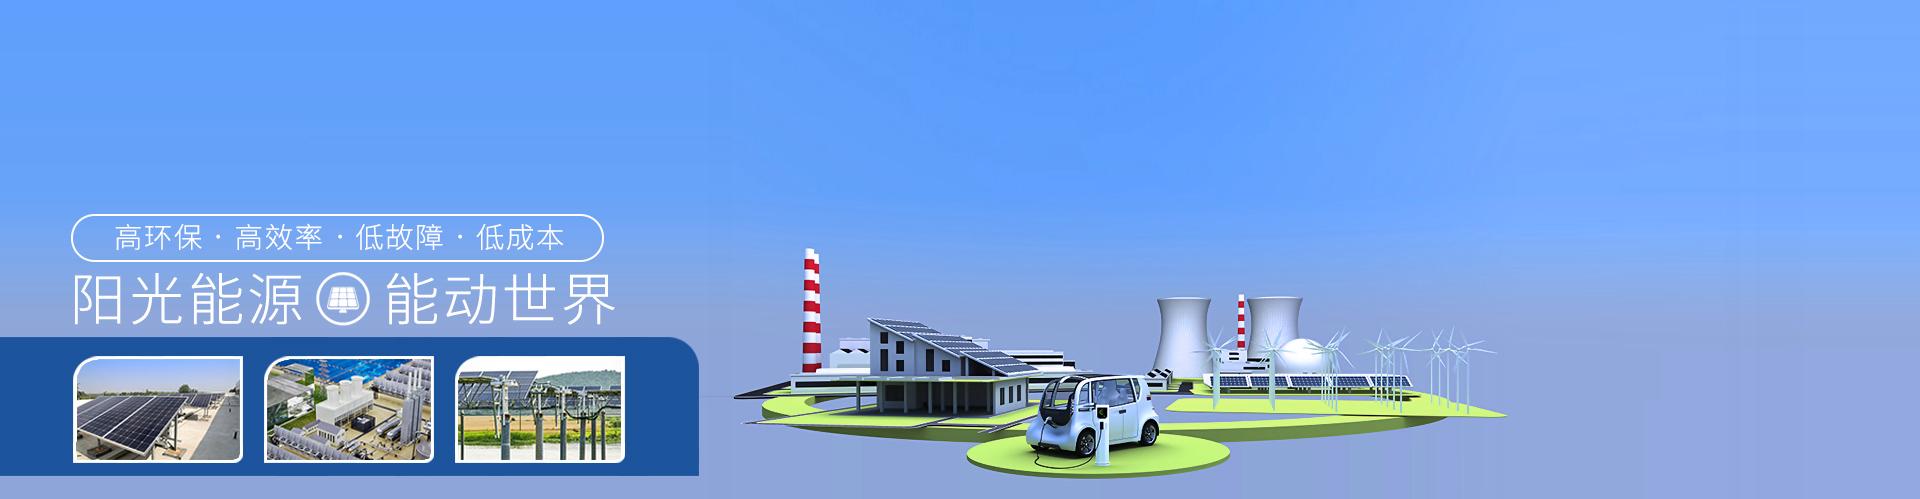 星火太阳能电站高环保/高效率/低故障/低成本